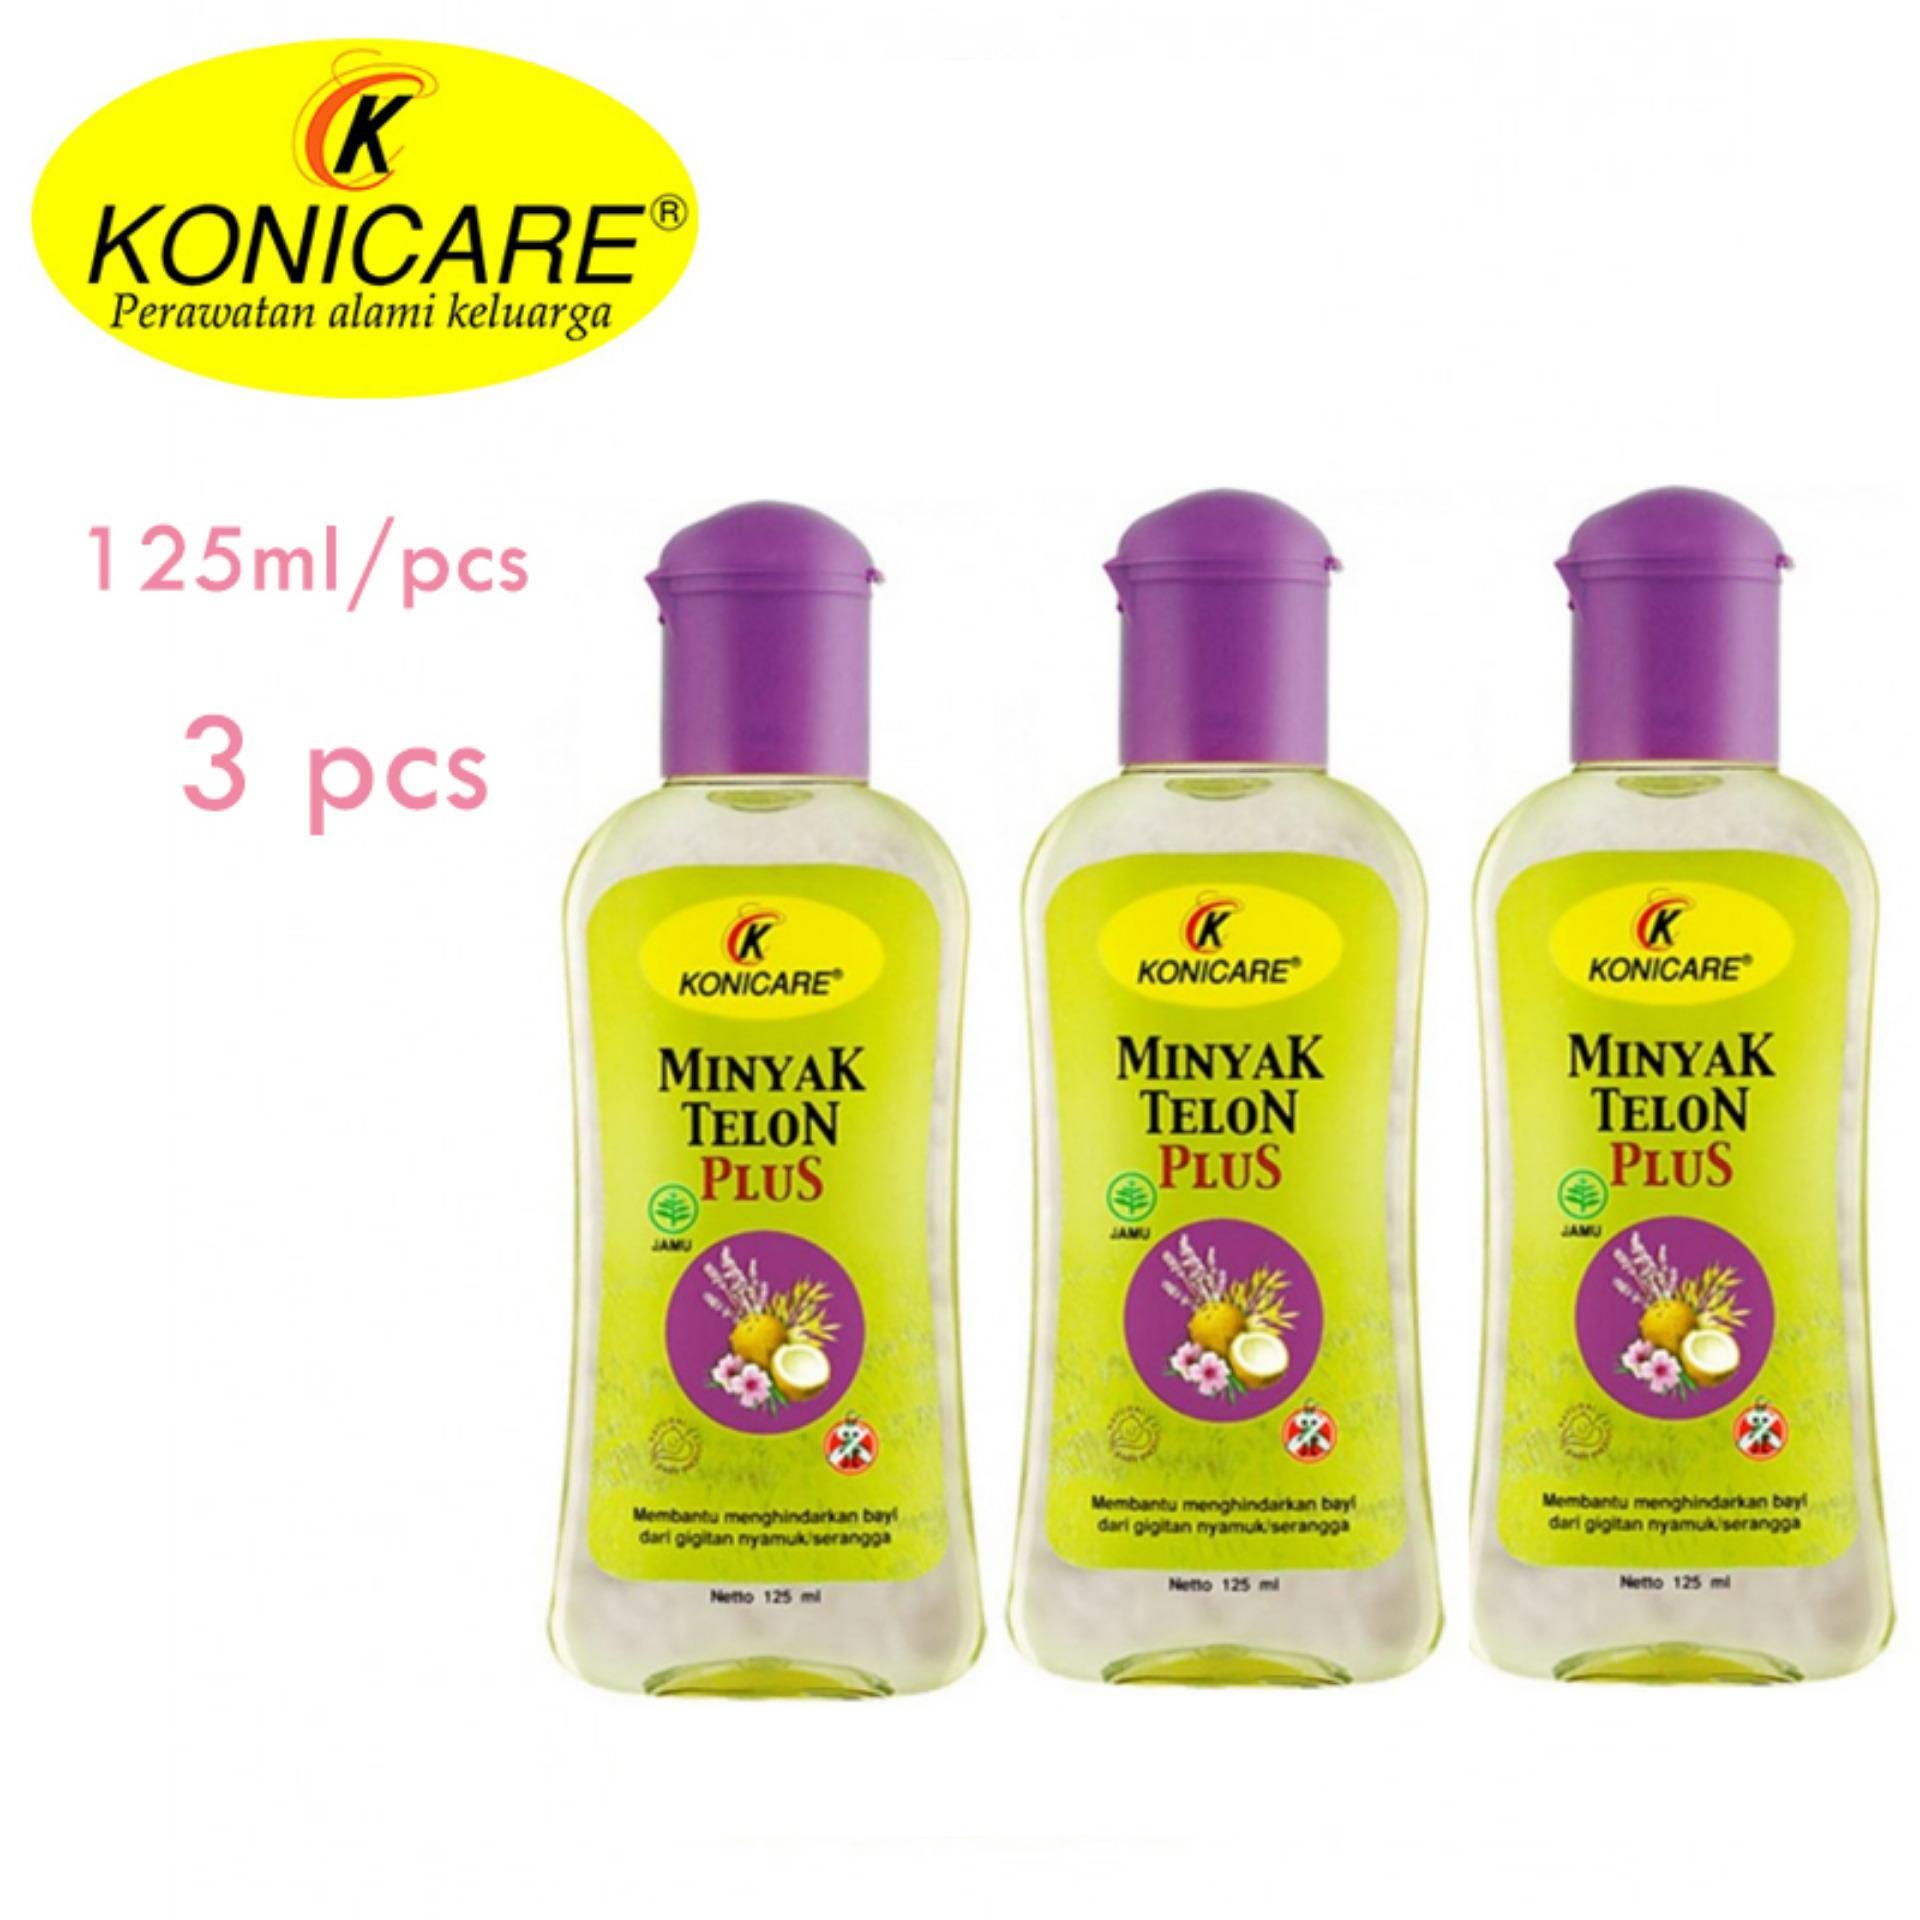 Fitur Konicare Minyak Kayu Putih 30 Ml 3 X Botol Dan Harga Terbaru Caplang 60ml 30ml Telon Plus 125 Pcs